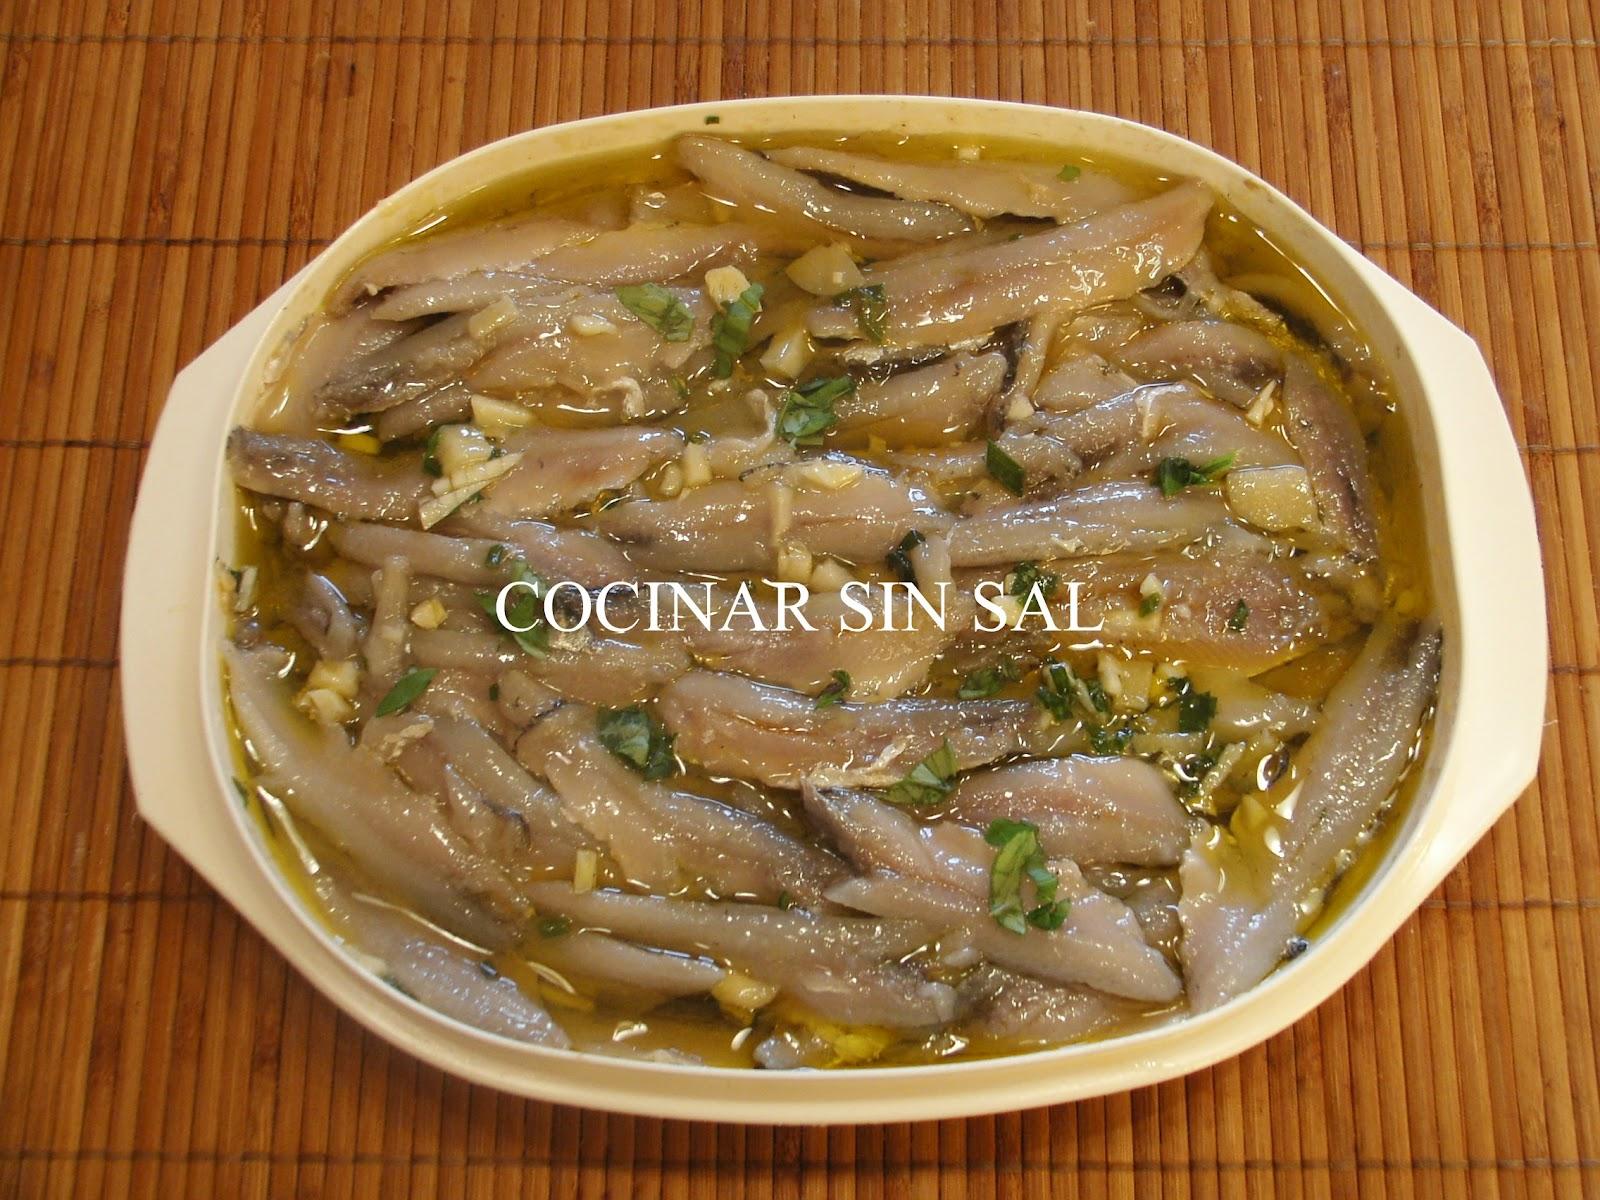 Cocinar sin sal boquerones en vinagre sin sal - Cocinar sin sal ...